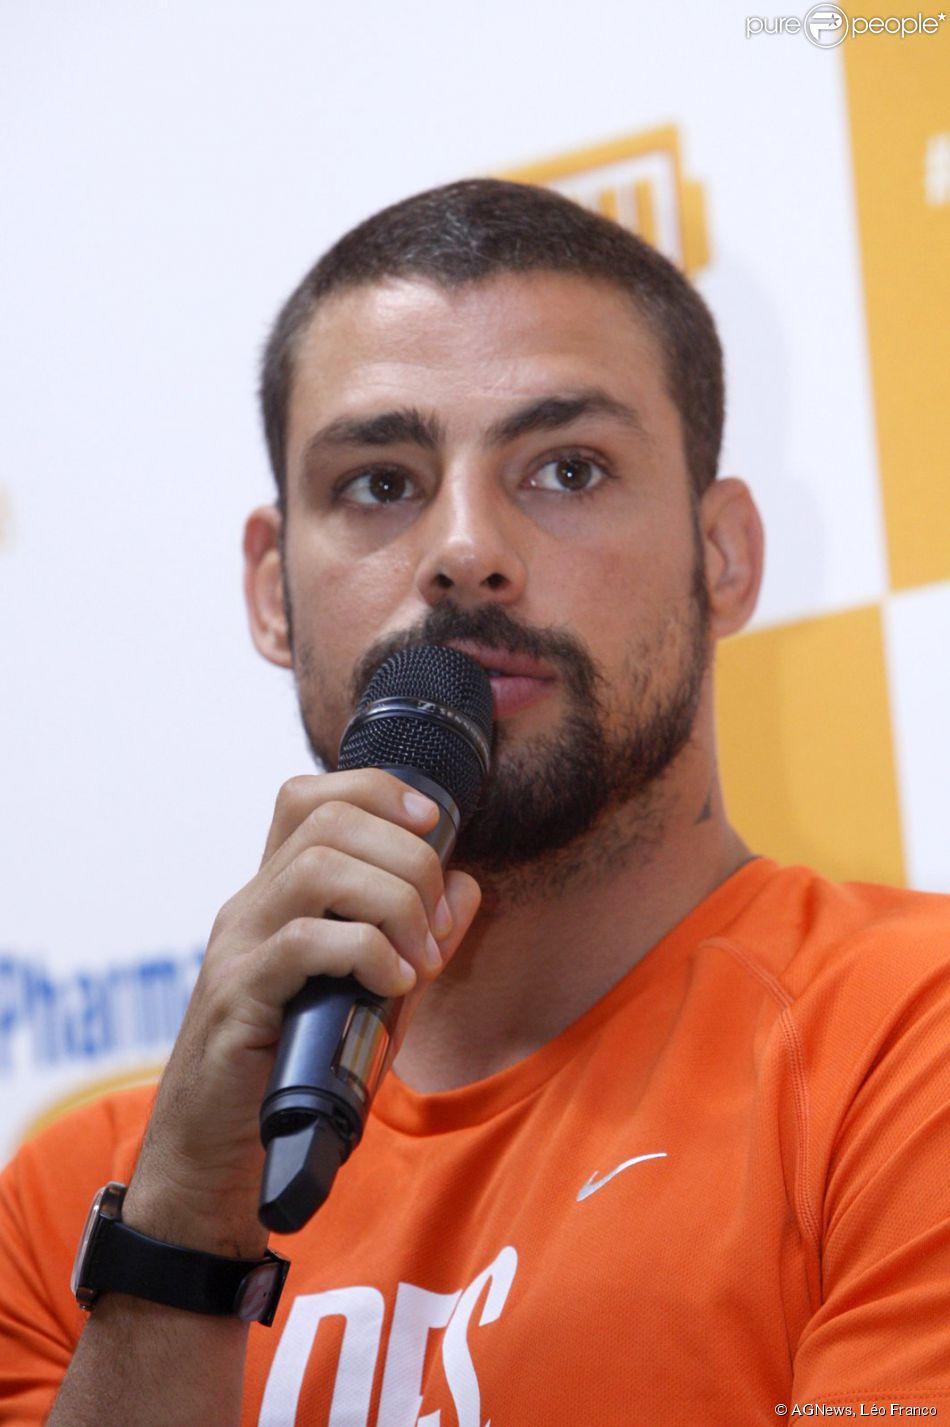 Cauã Reymond participa de evento para divulgar marca de polivitamínico